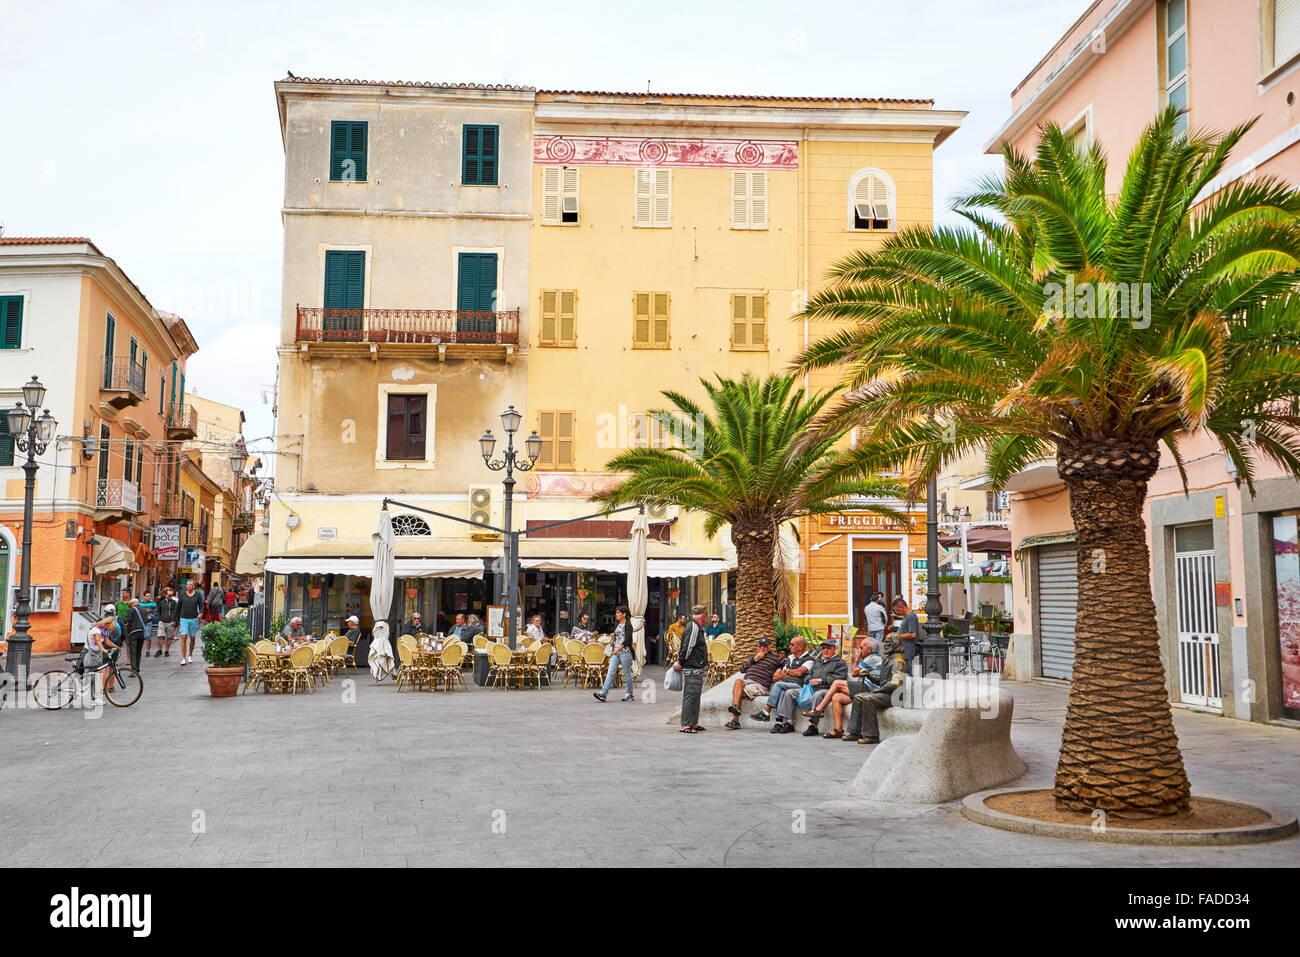 Insel La Maddalena, Sardinien, Italien Stockbild